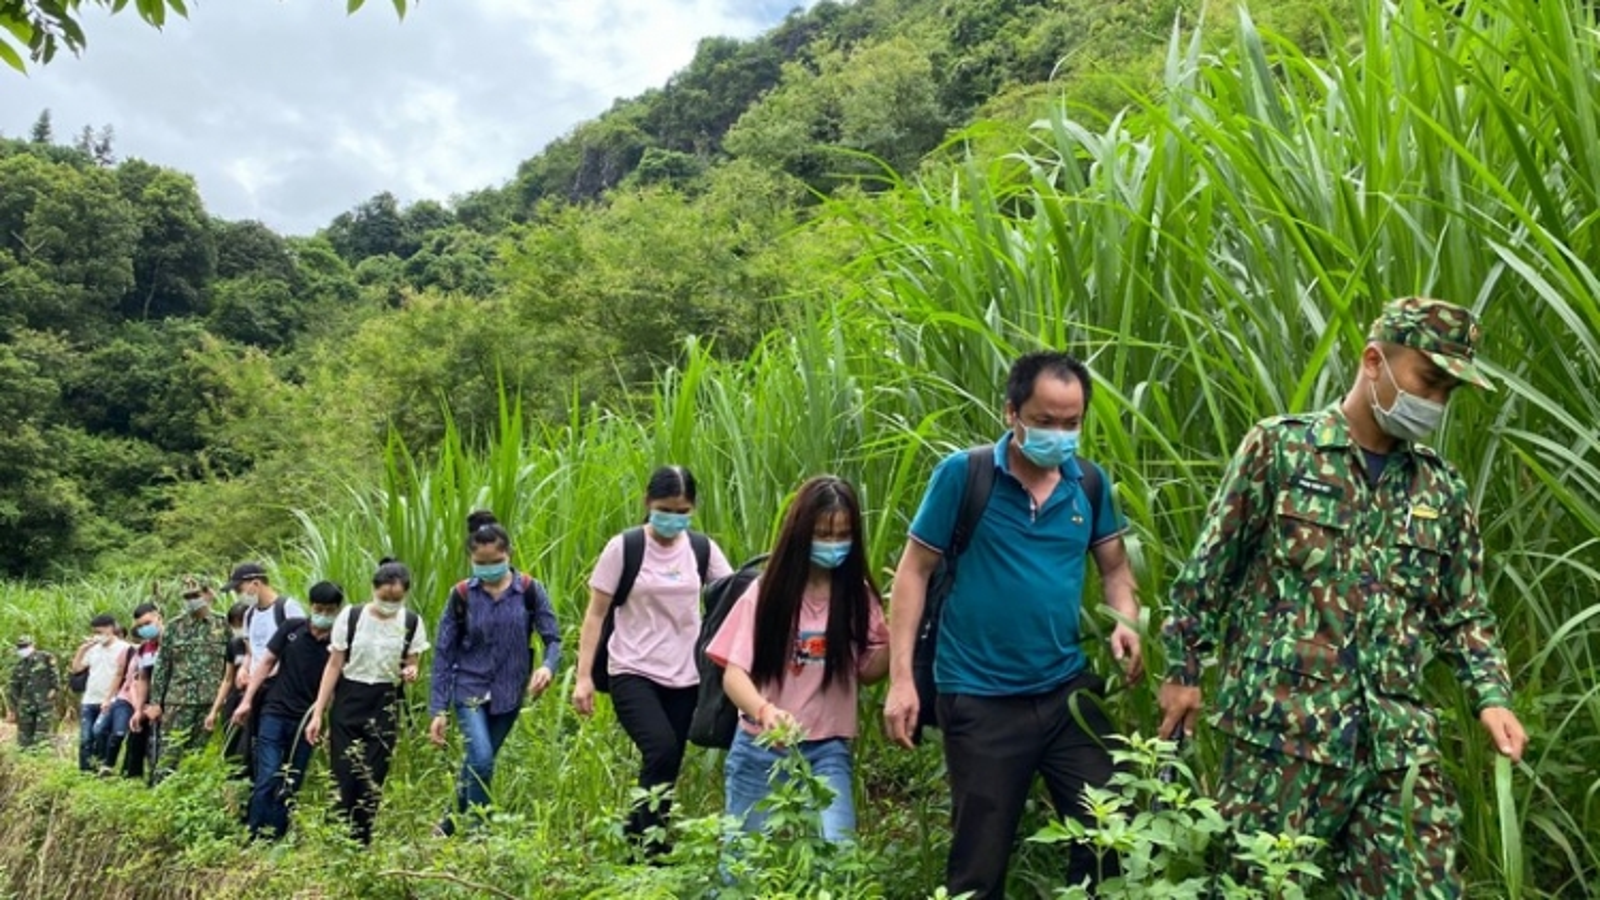 Hàng chục người nhập cảnh trái phép được cách ly y tế tại Cao Bằng, Lạng Sơn